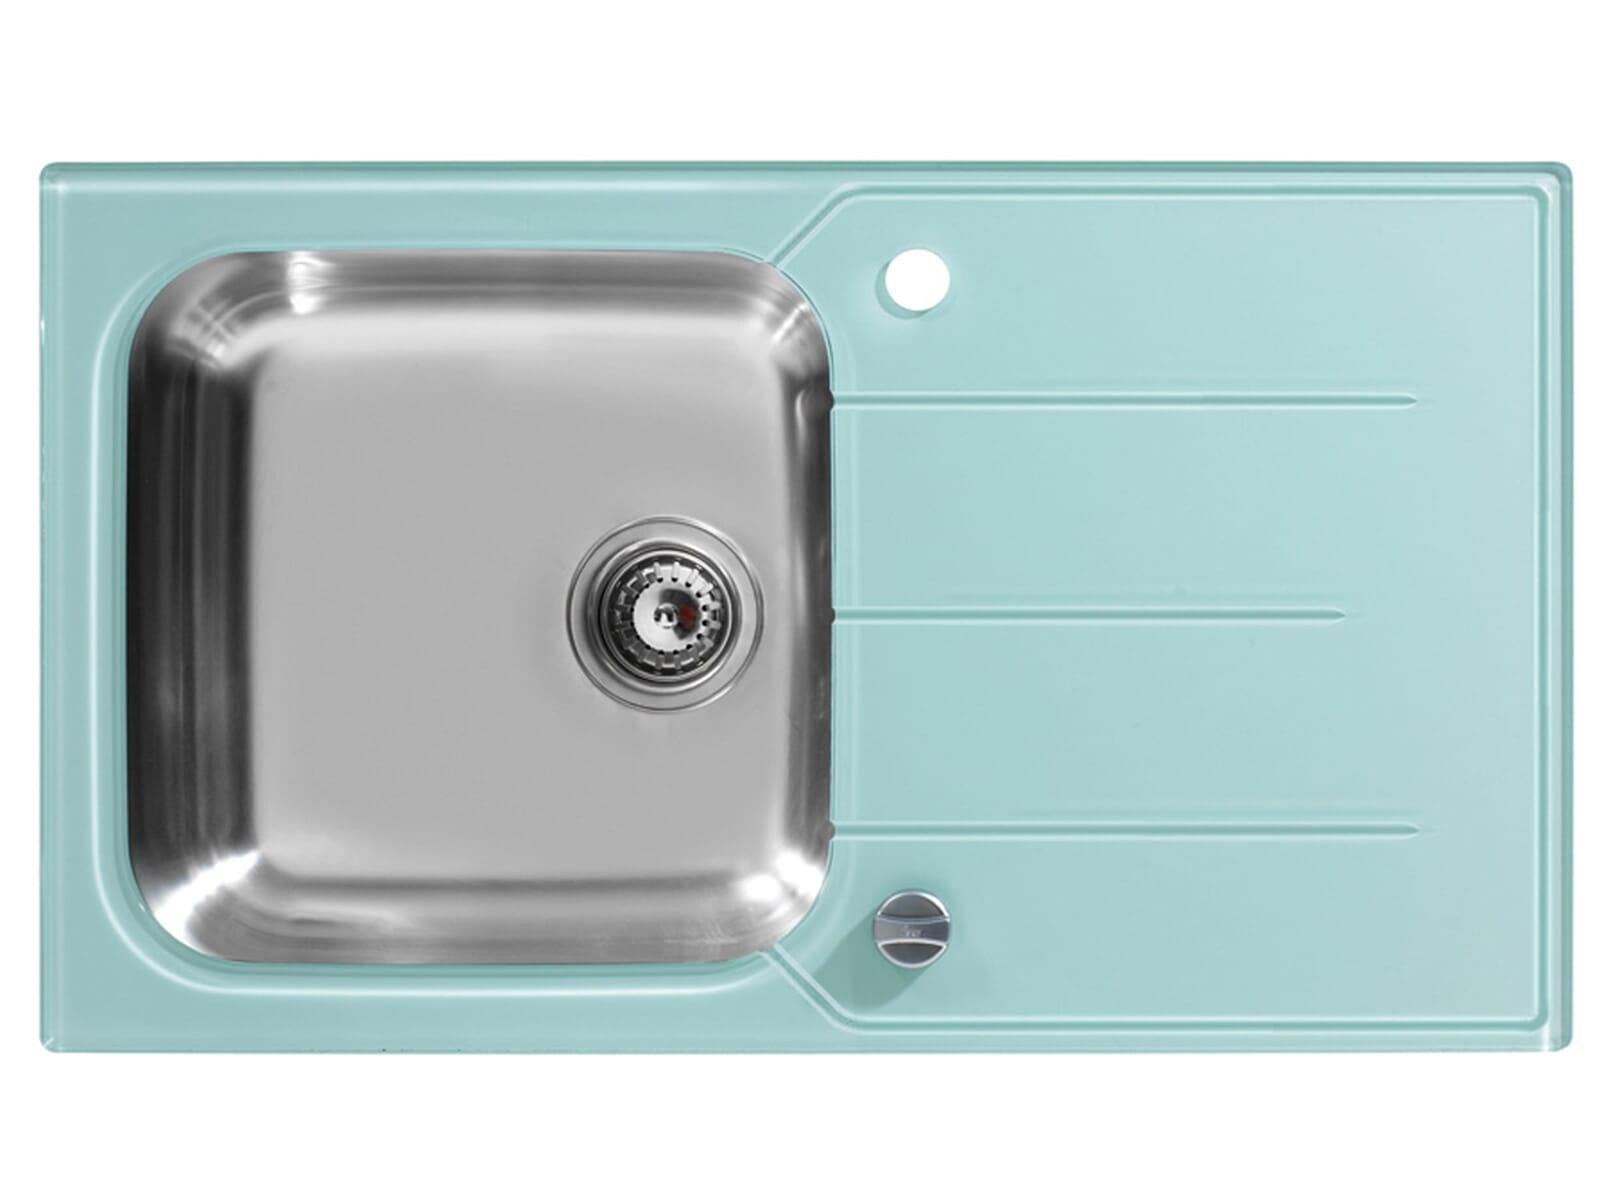 glas sp lbecken k che abdeckung ablauf dusche. Black Bedroom Furniture Sets. Home Design Ideas